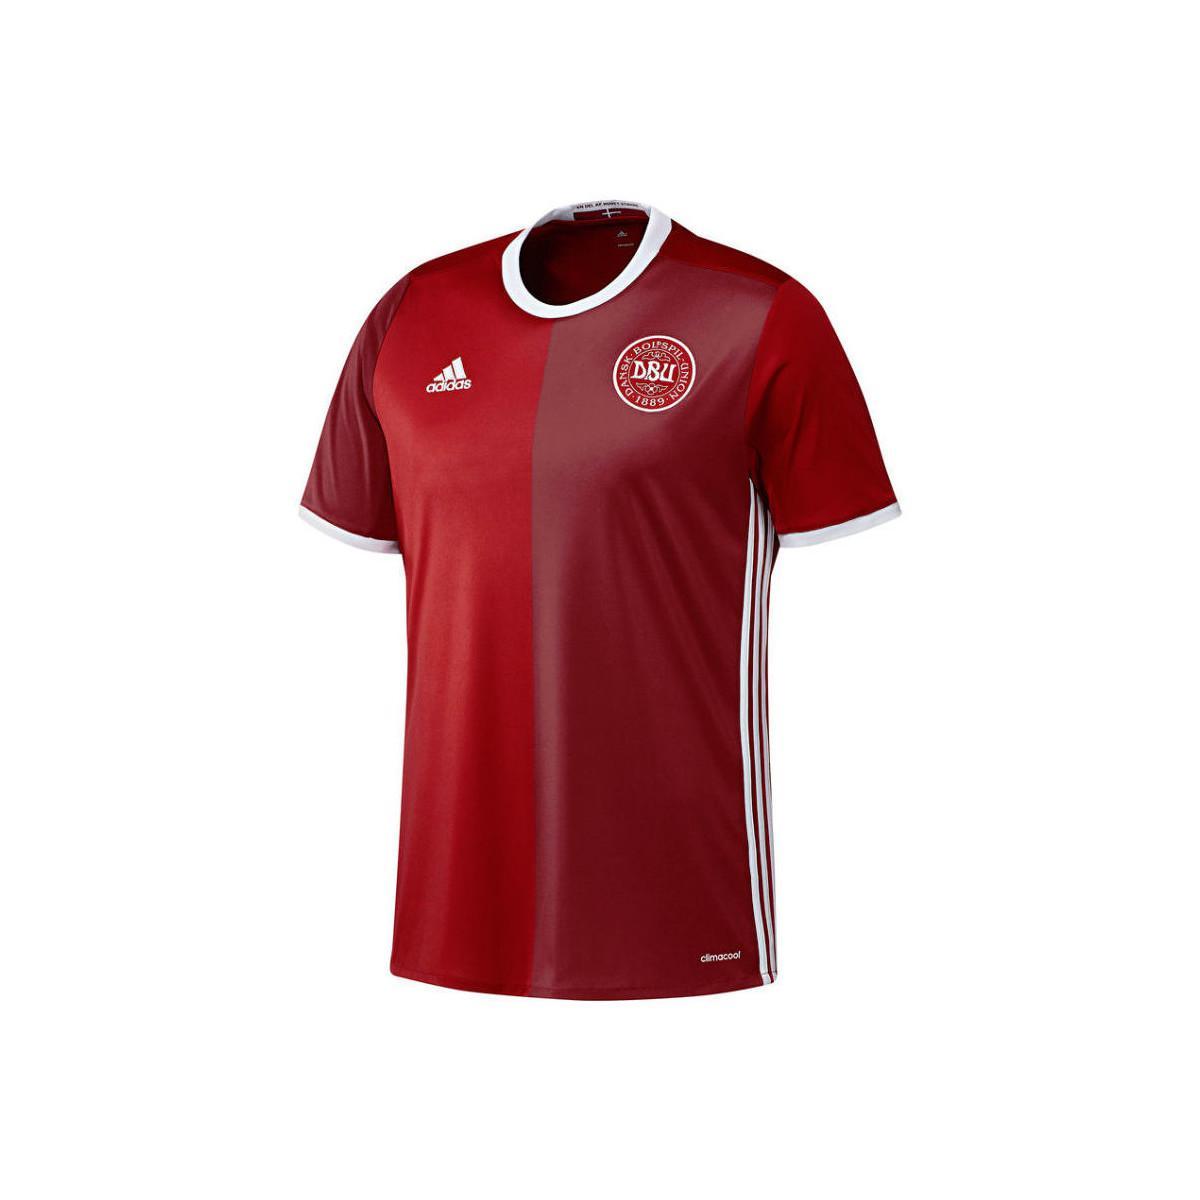 fe764d52bc6 Lyst - Adidas 2016-2017 Denmark Home Shirt (bendtner 11) Women's T ...